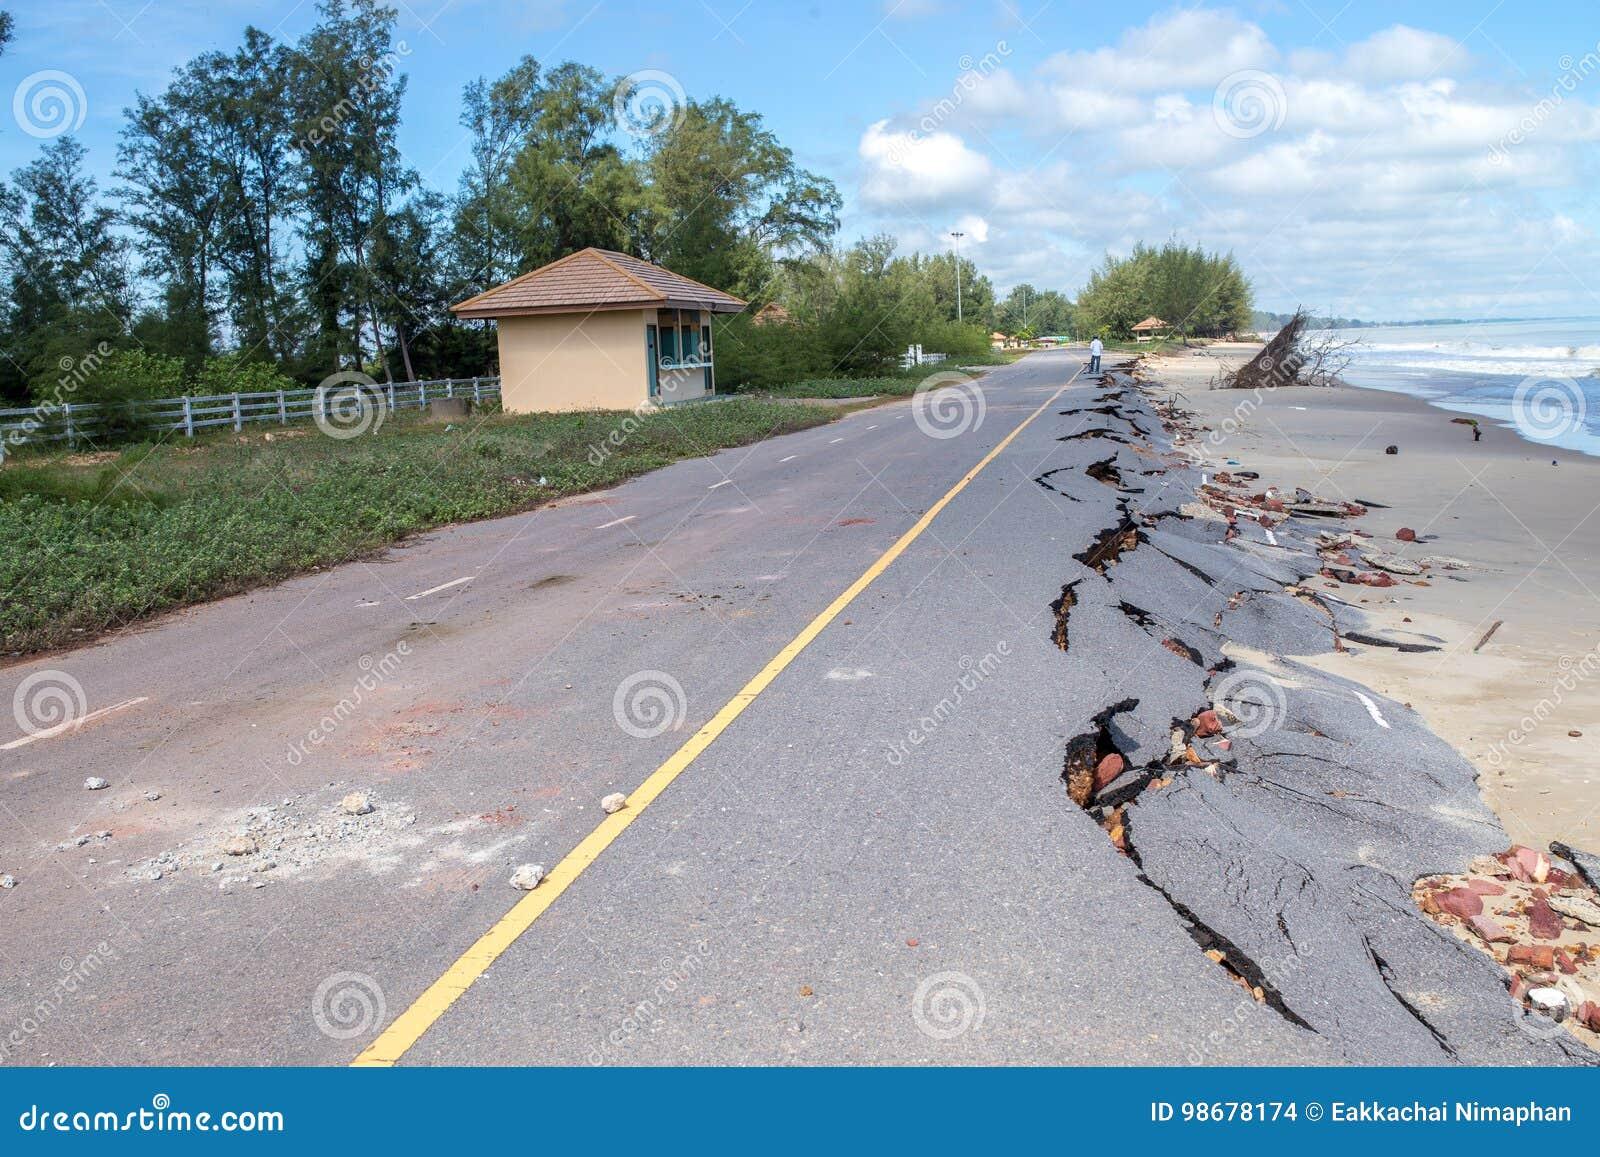 Diapositiva del camino de la playa a lo largo de la playa a la erosión de agua